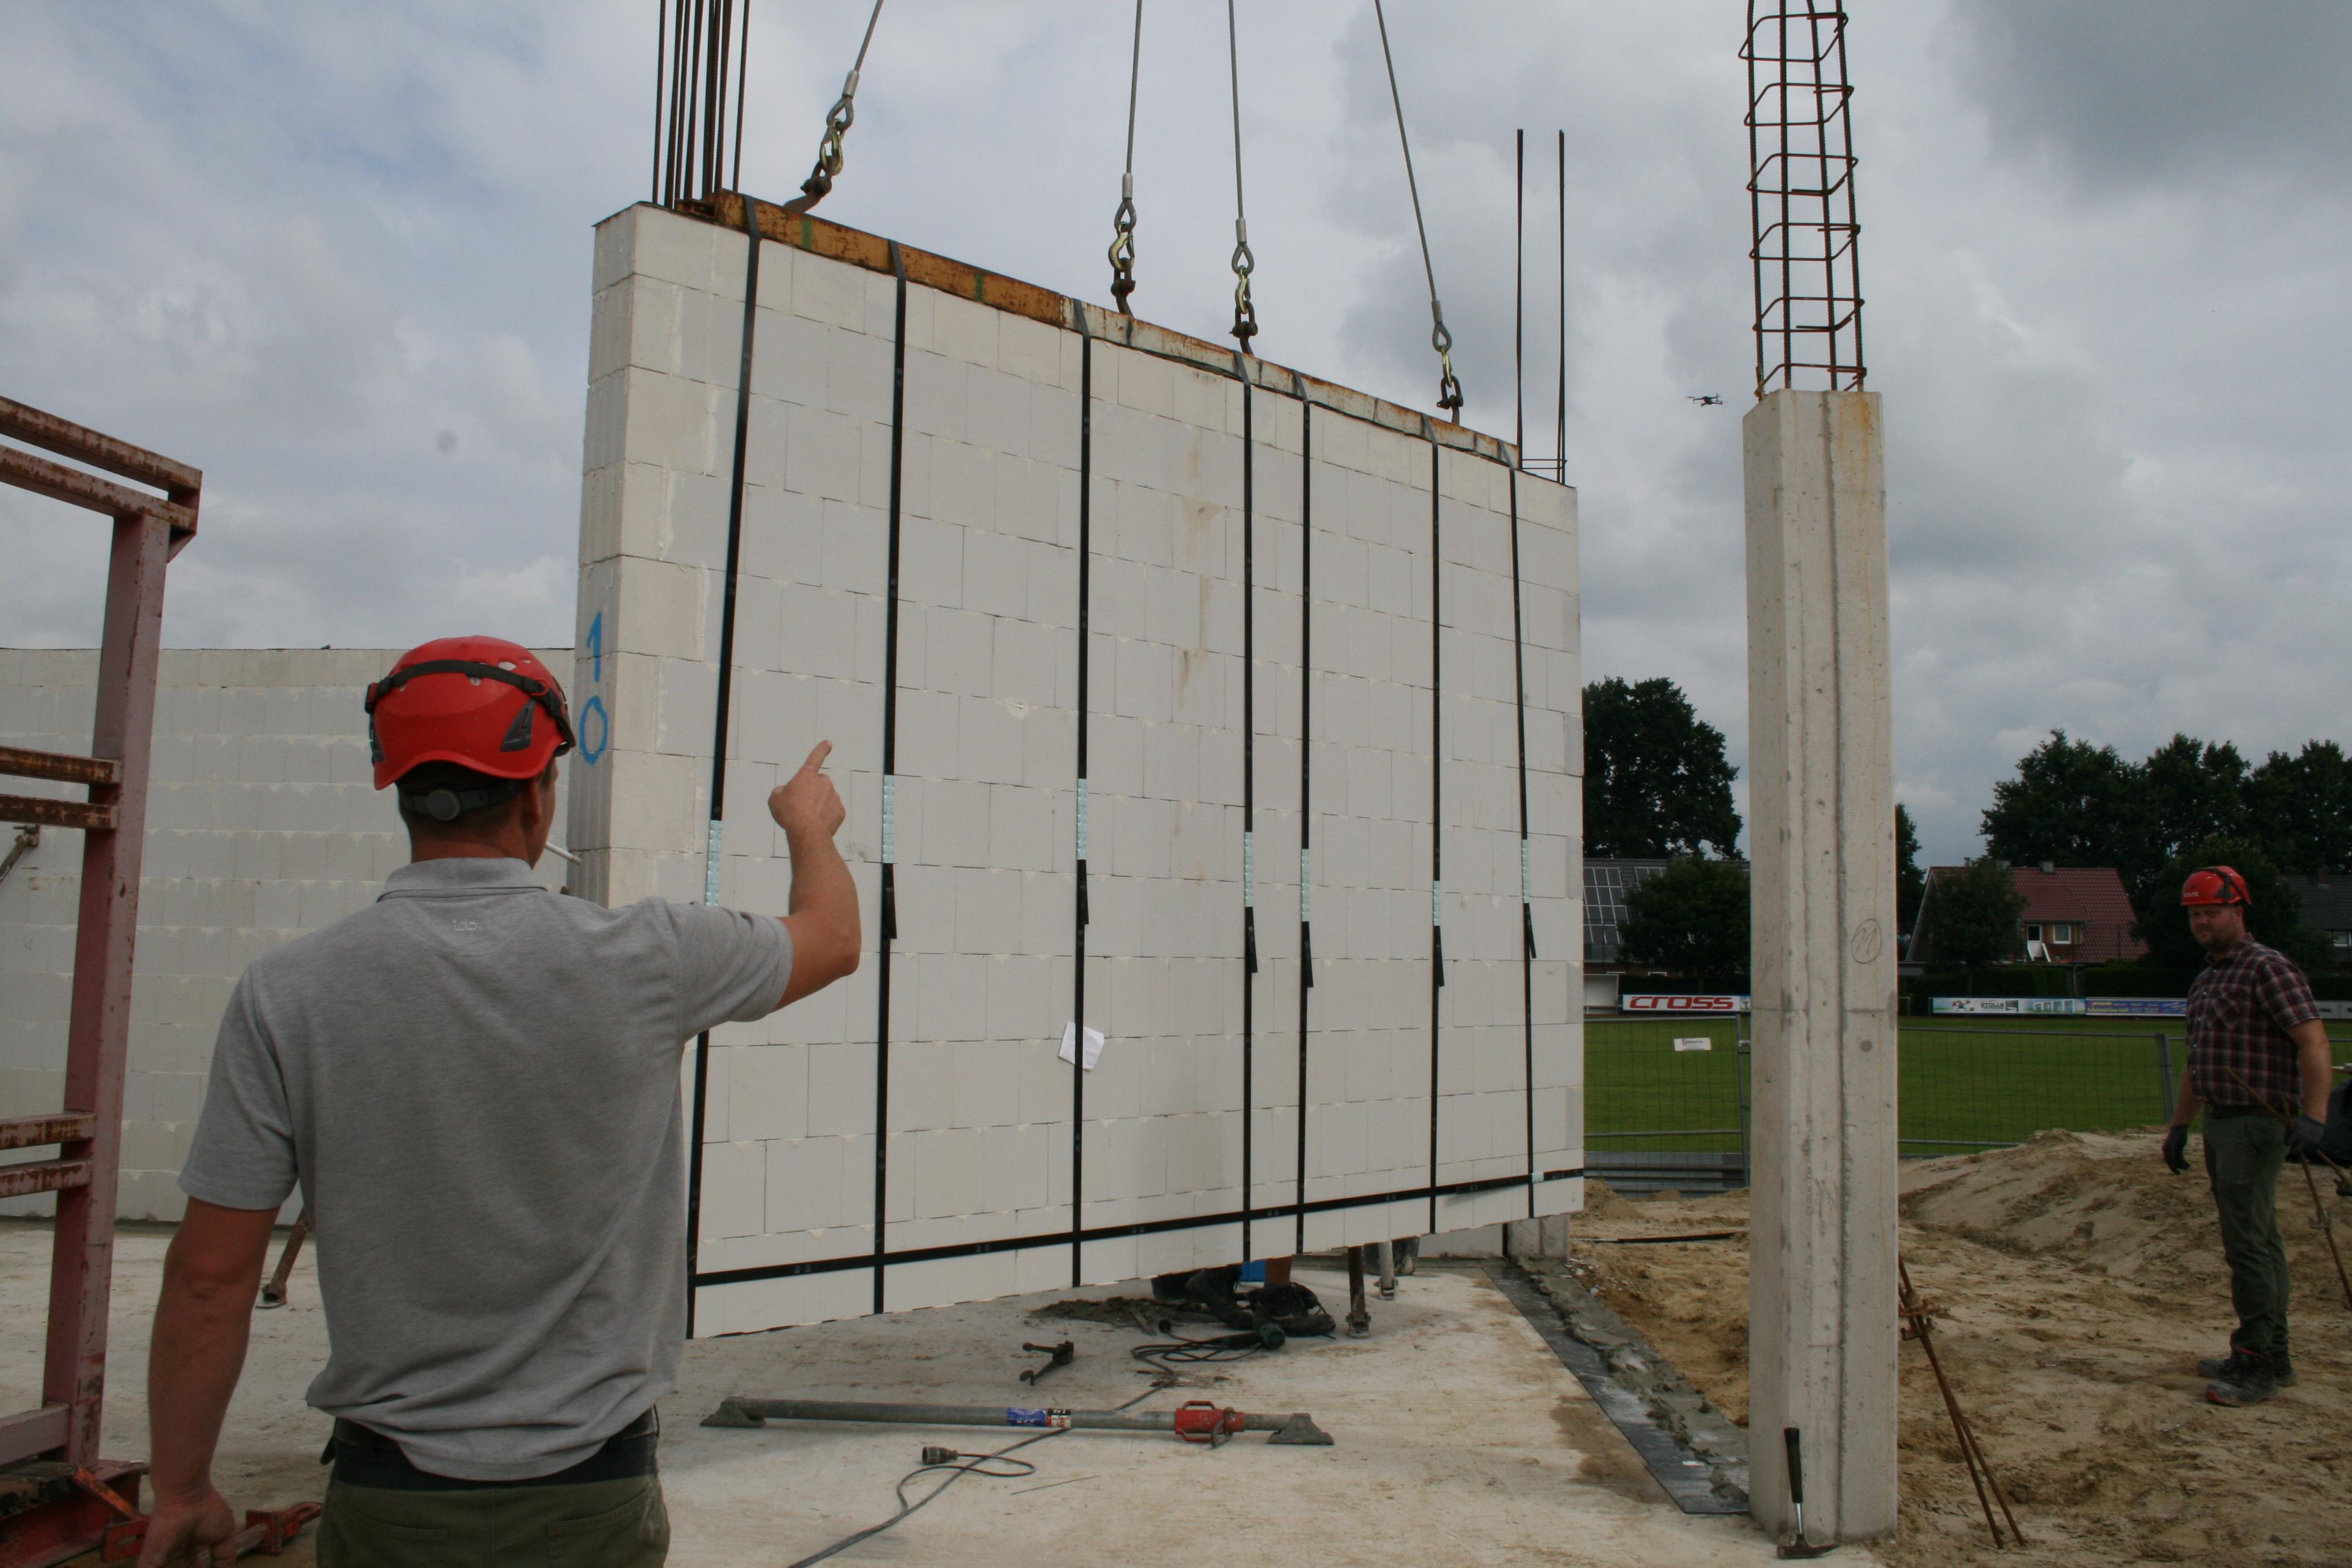 Maßarbeit: Die fertige Mauerwerkstafel hängt mit speziellen Traversen am Kran und kann so passgenau auf der Bodenplatte installiert werden.  Foto: © Gemeinde Emstek